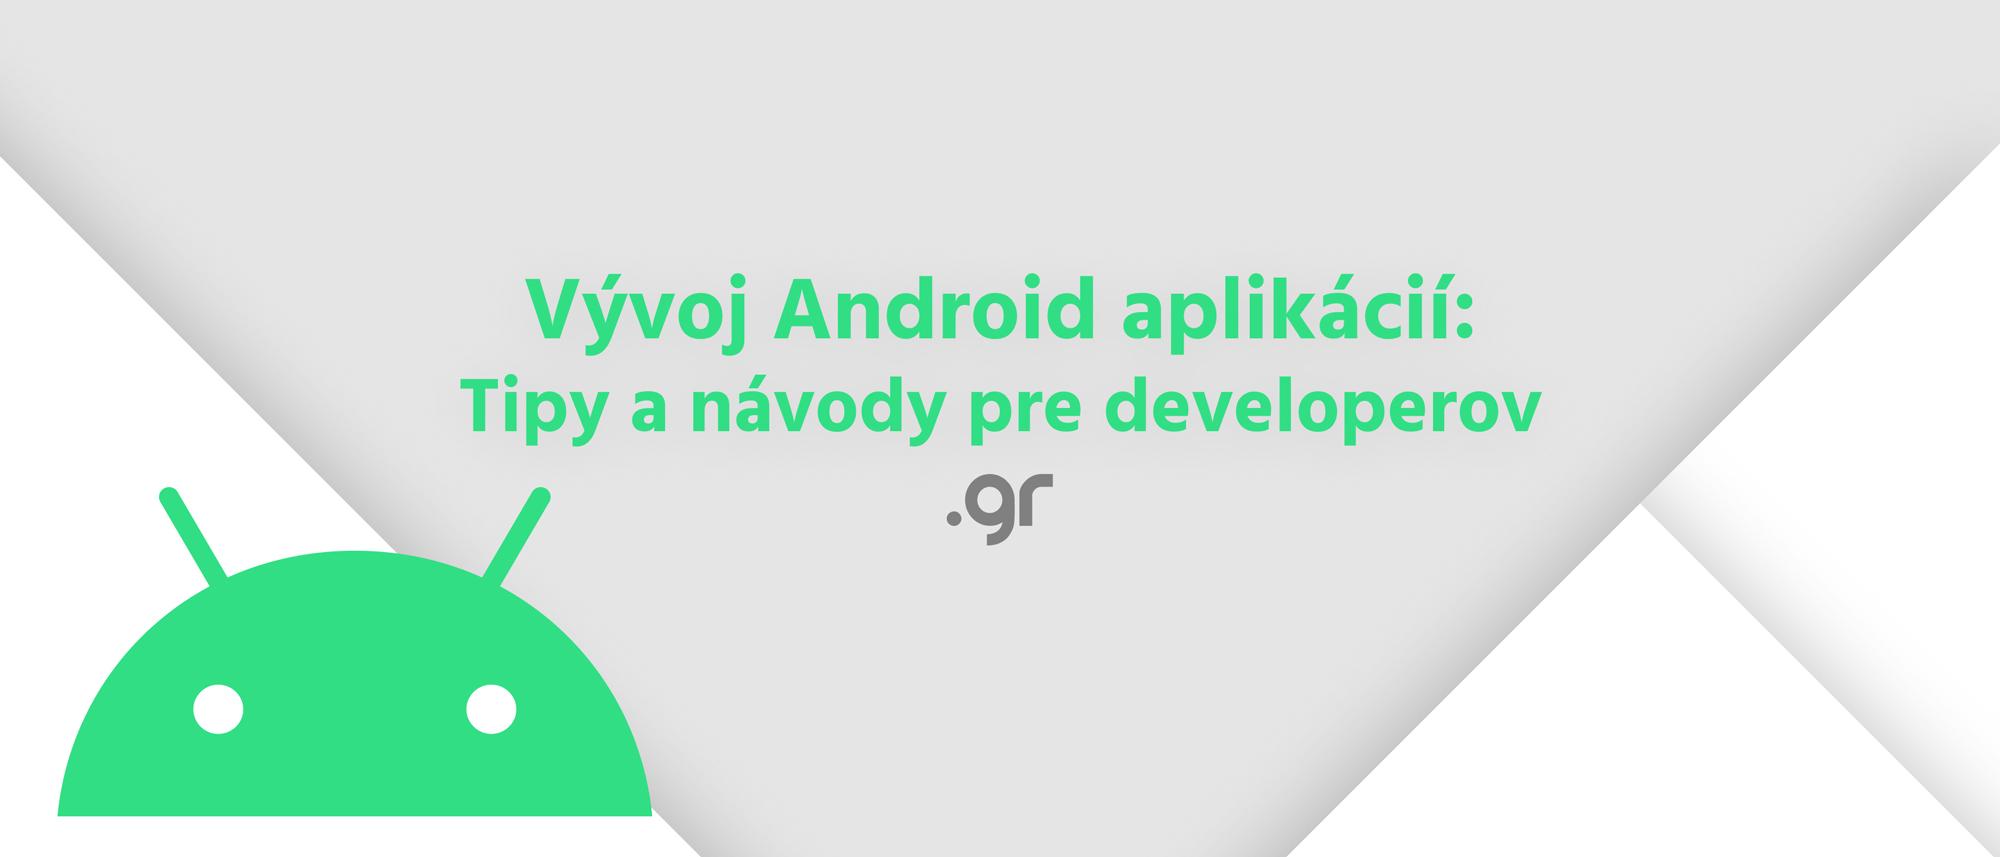 Vývoj Android aplikácií: Tipy a návody pre developerov